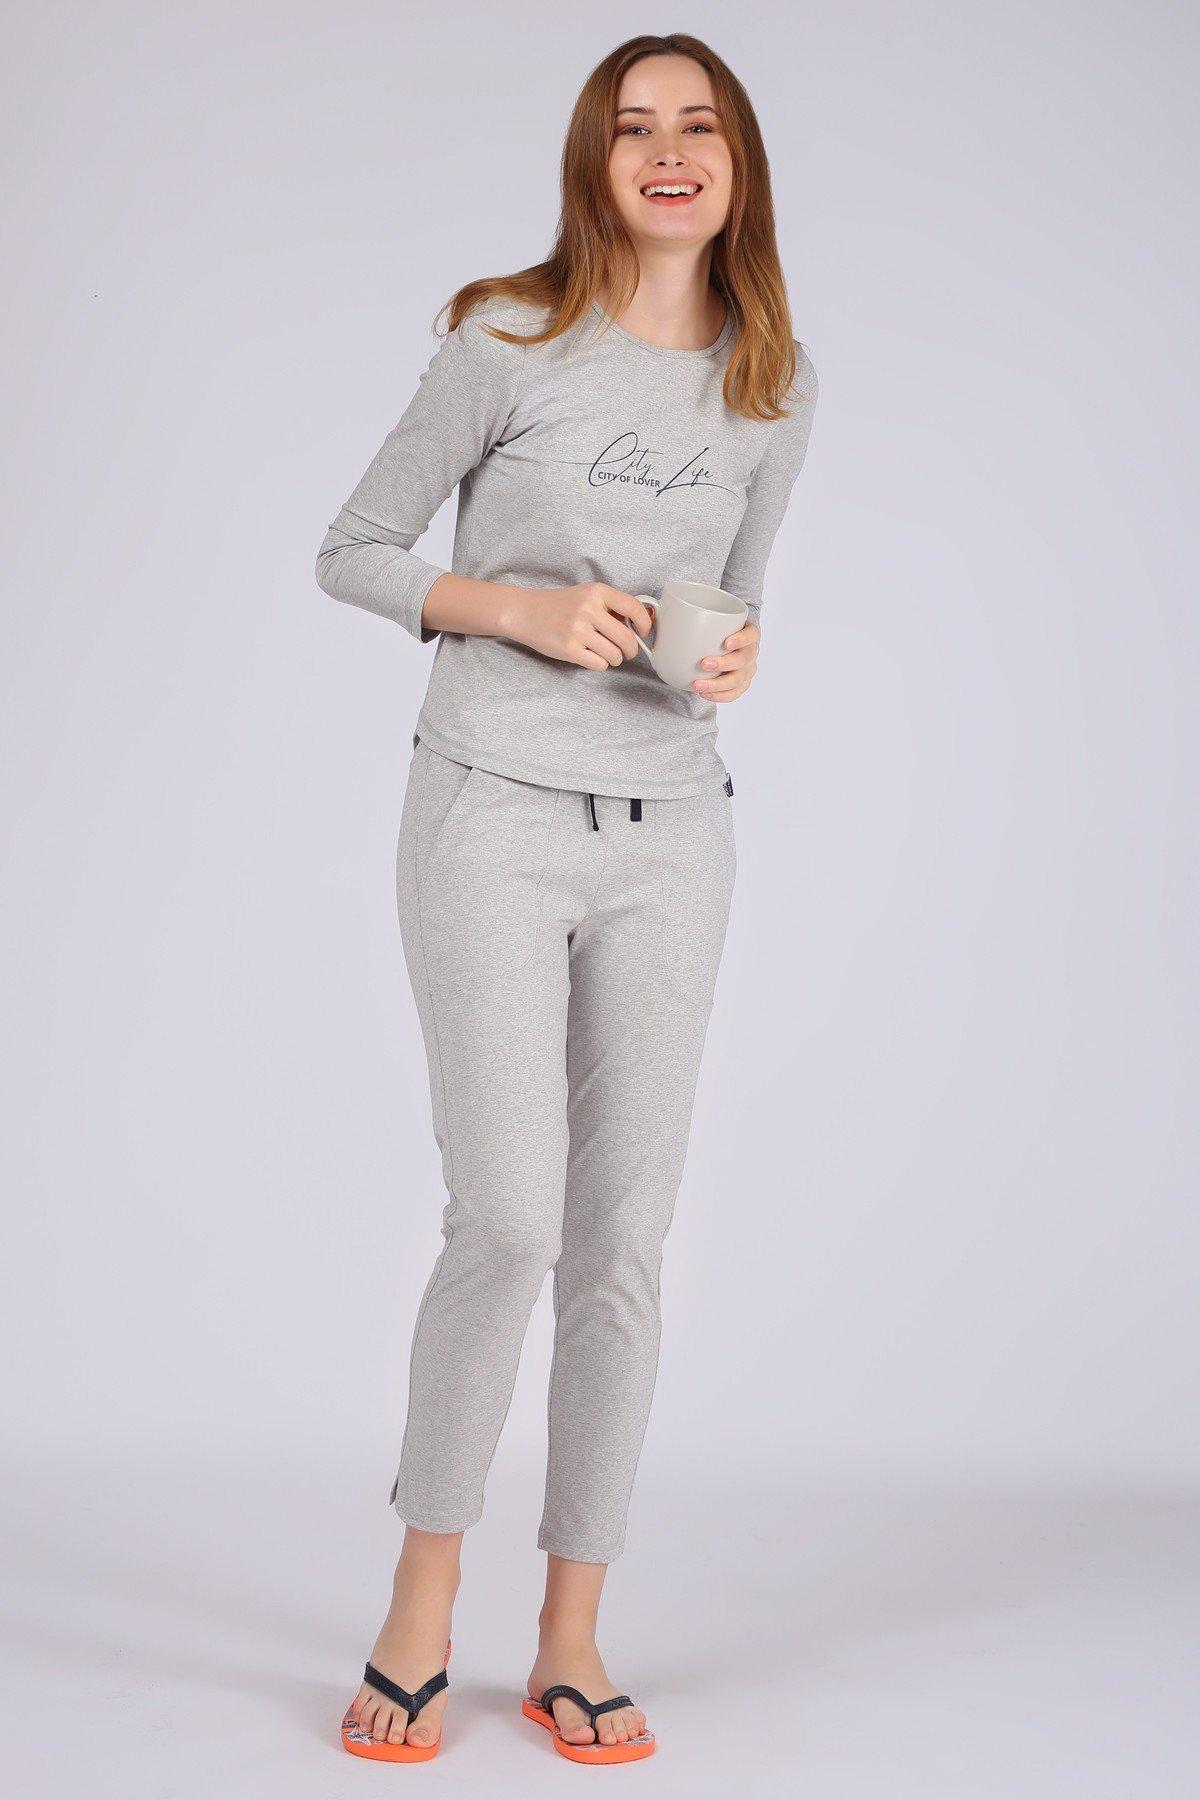 Bộ quần áo Jockey nữ City Life - 0404